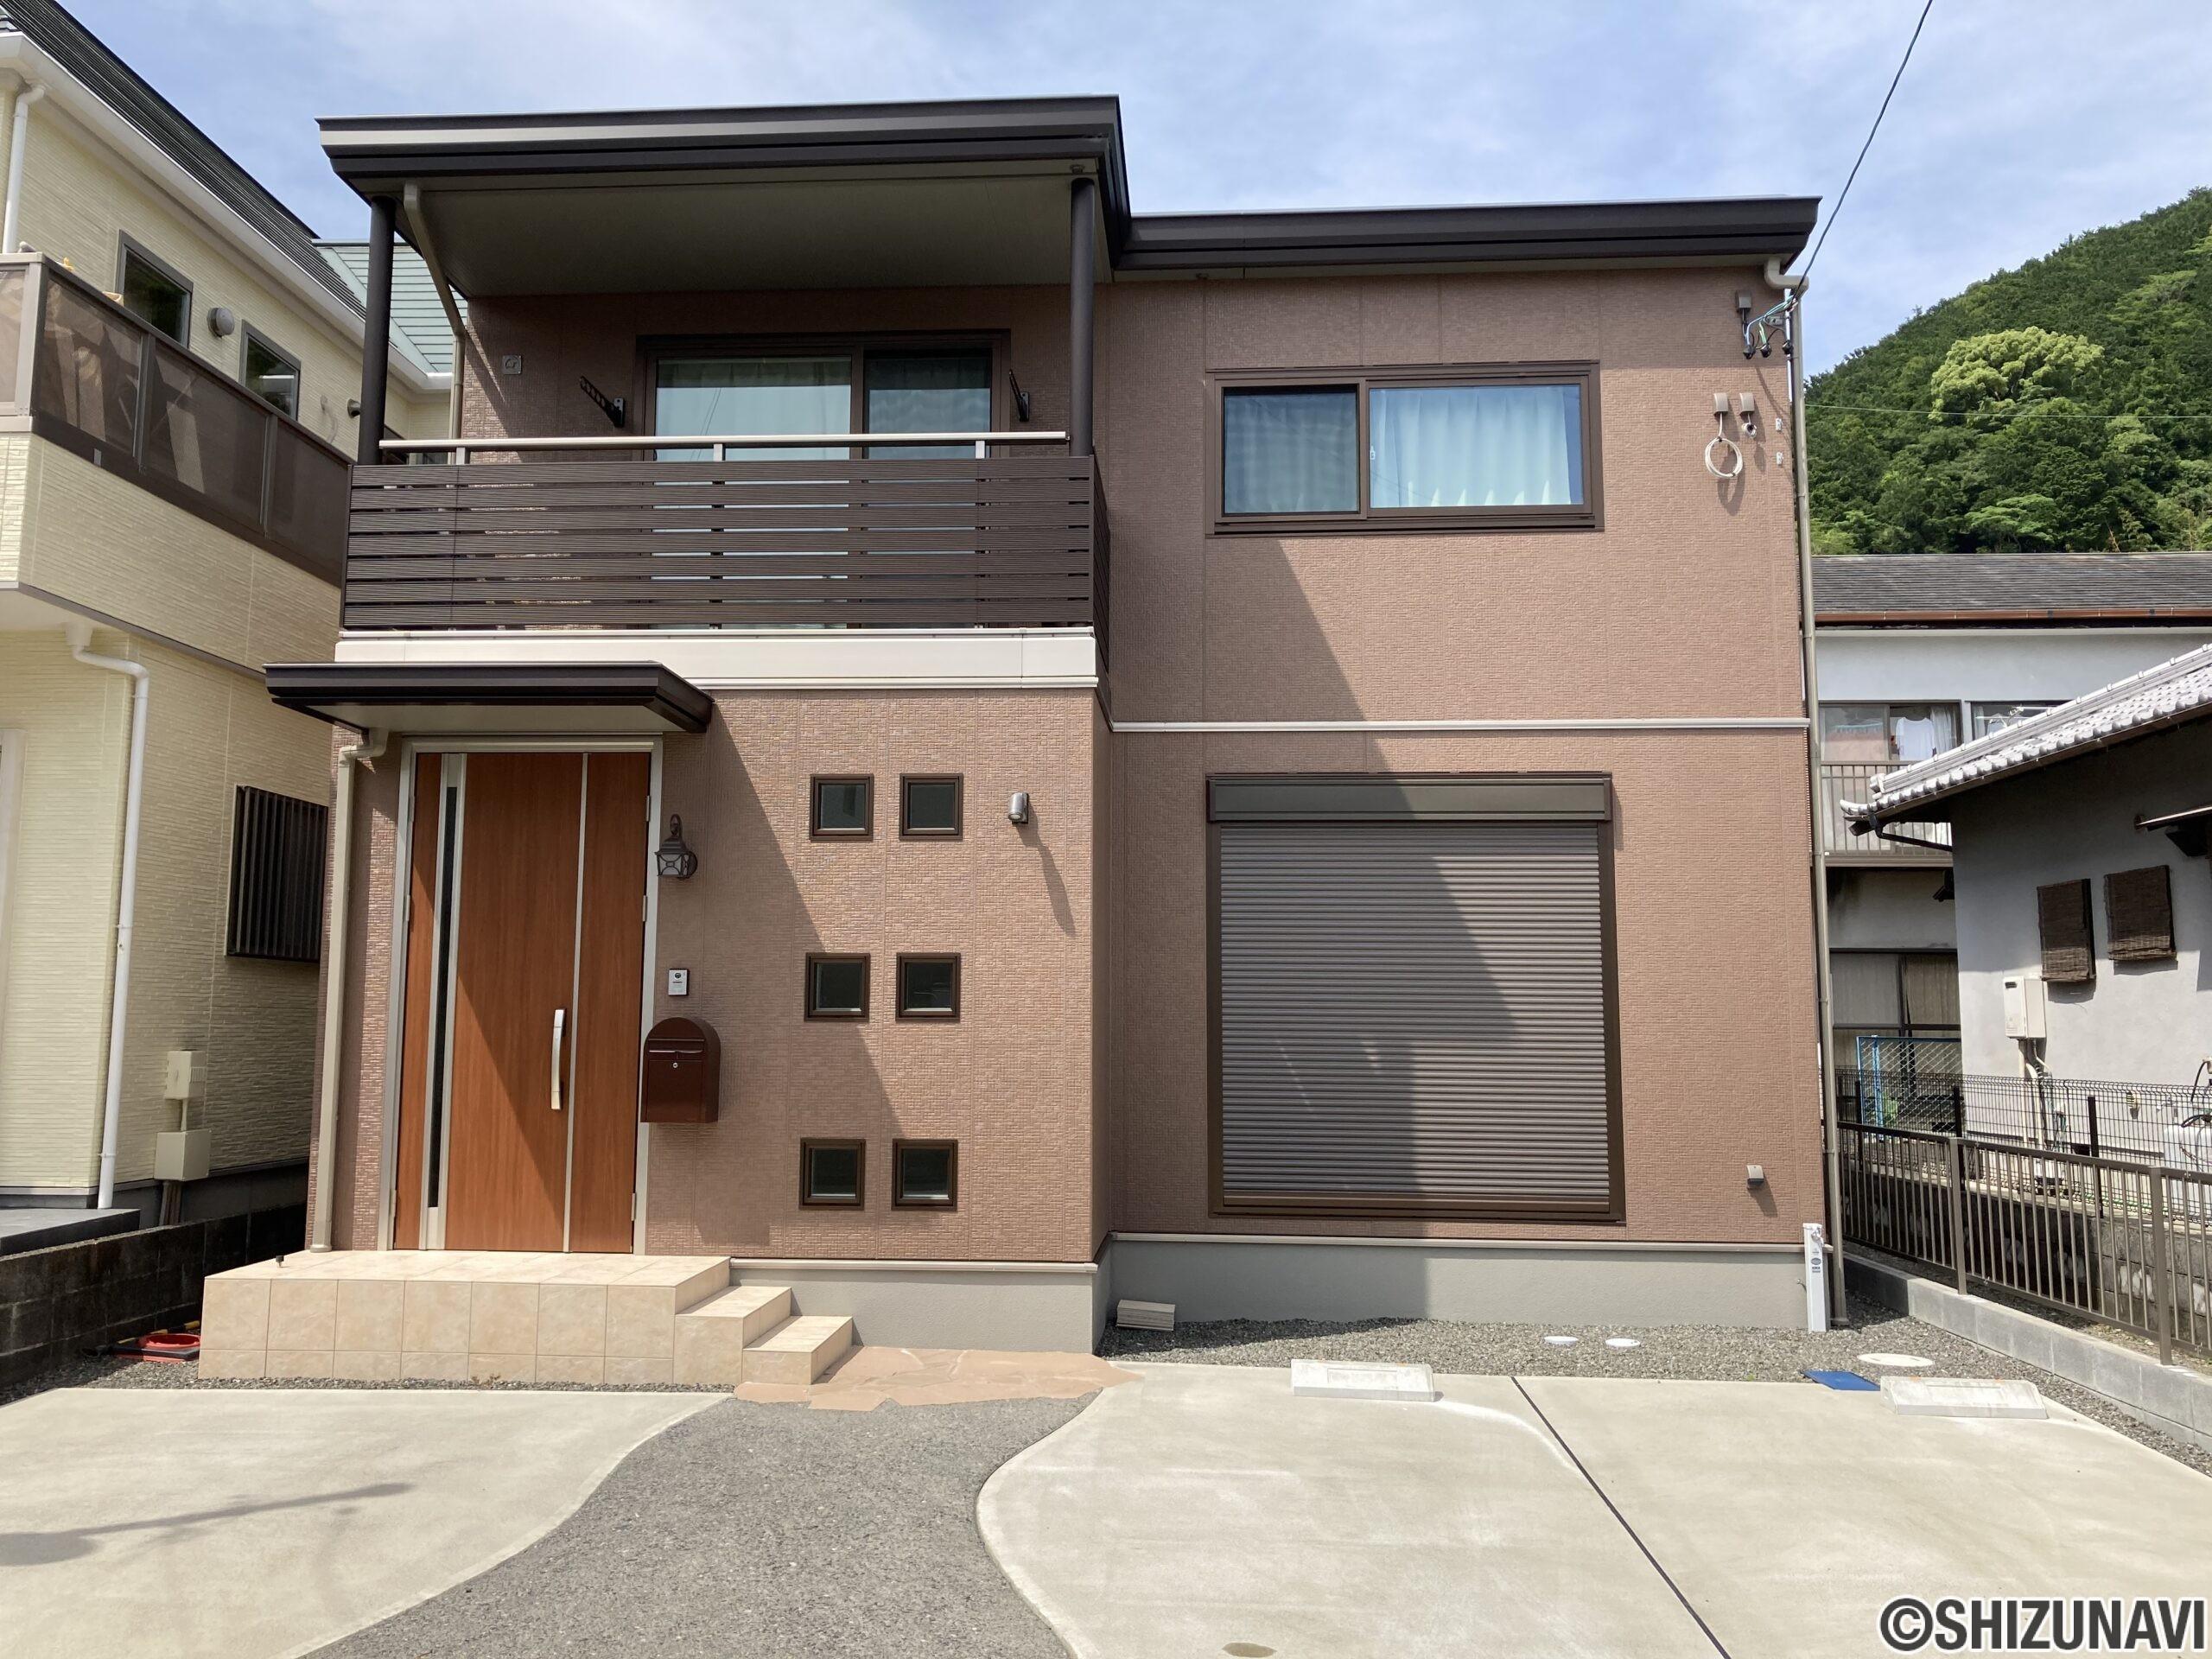 【セキスイハイム施工】静岡市葵区羽鳥1丁目 未入居物件 即入居可 2020年3月築